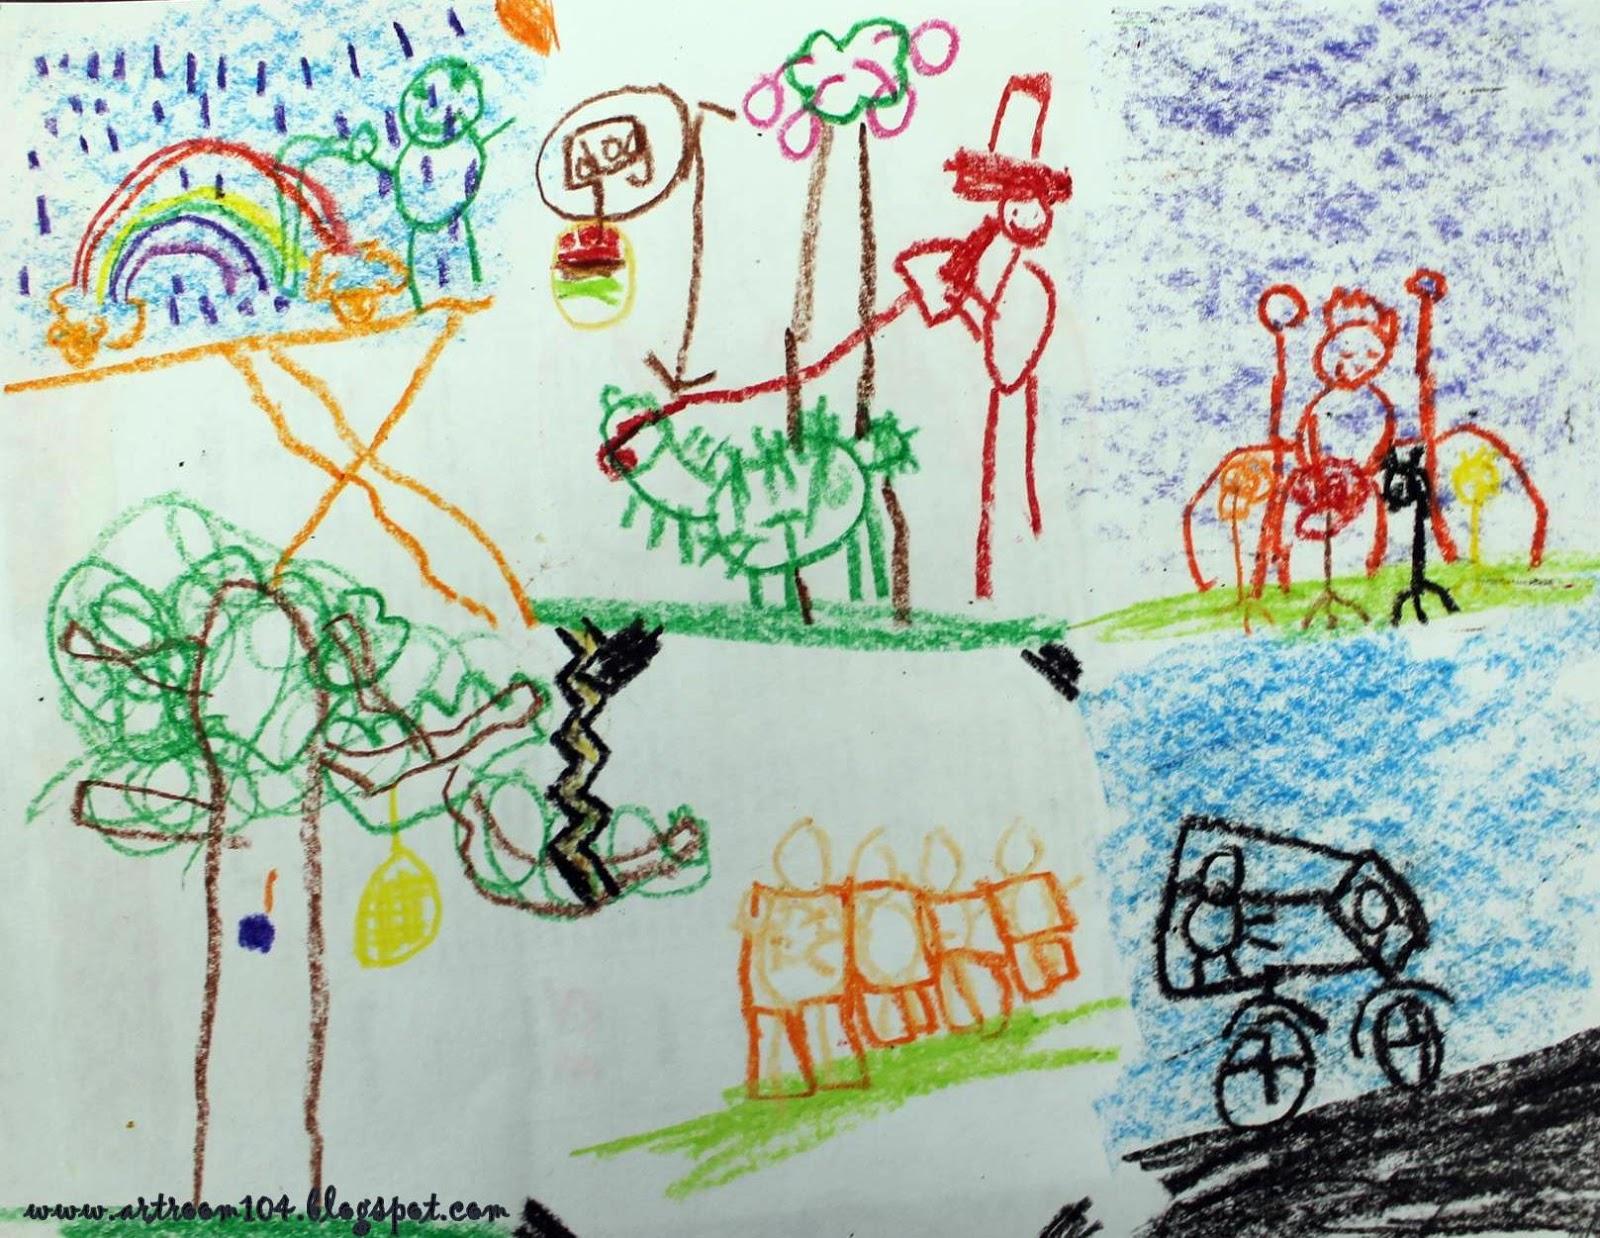 Art Room 104: 1st Grade Post-Assessment Results